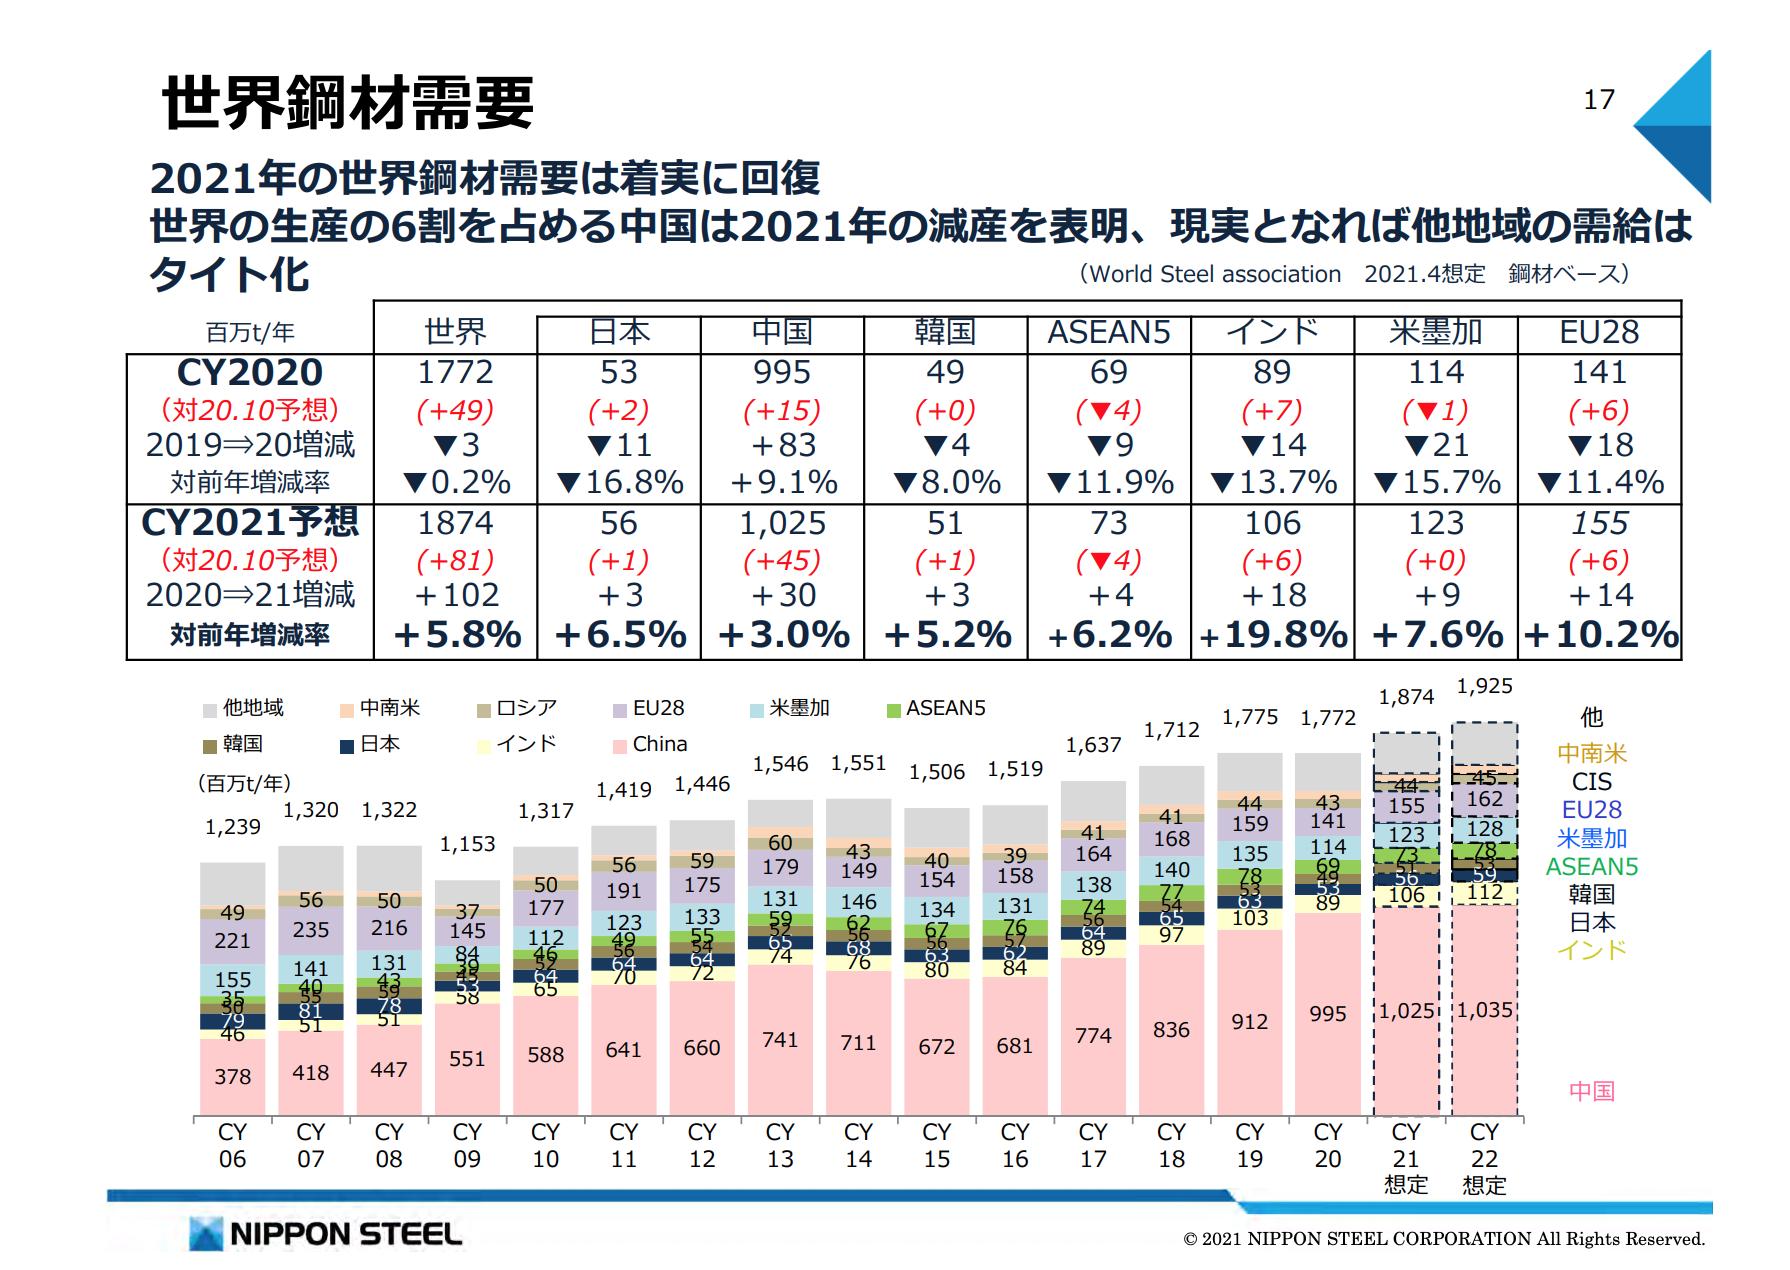 出典:日本製鉄グループ2021年5月7日:説明会資料17ページ